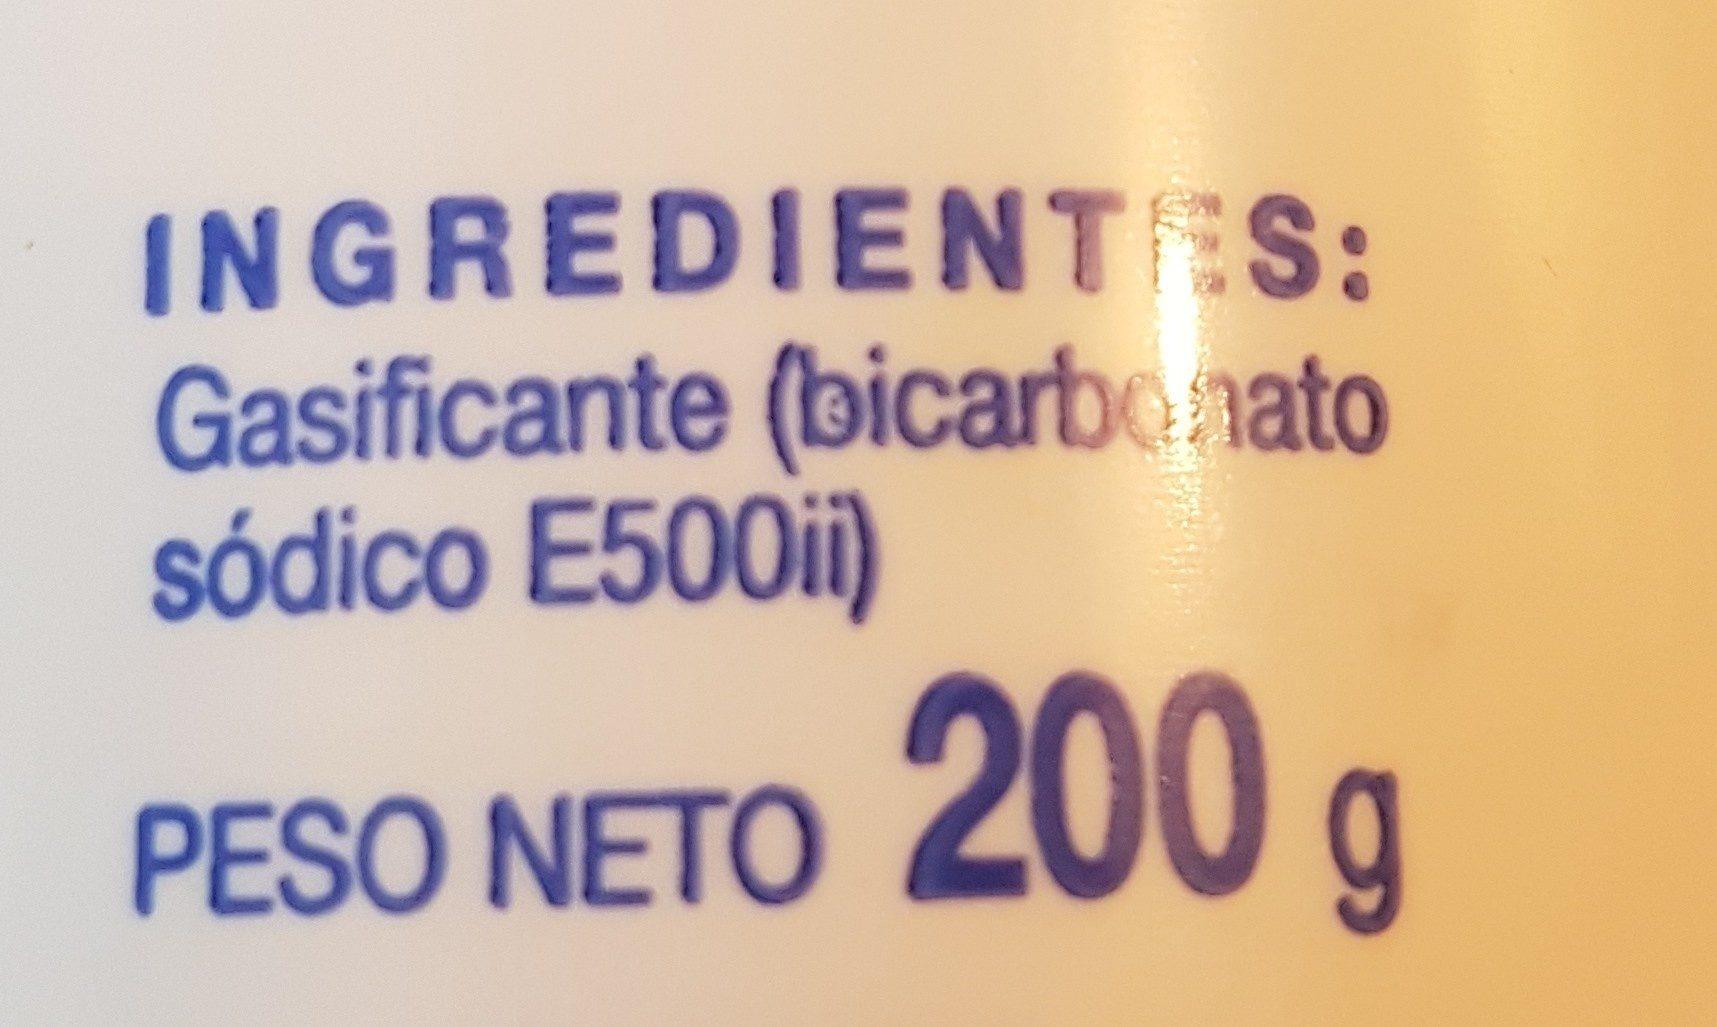 BICARBONAT SAL COSTA - Ingrédients - fr